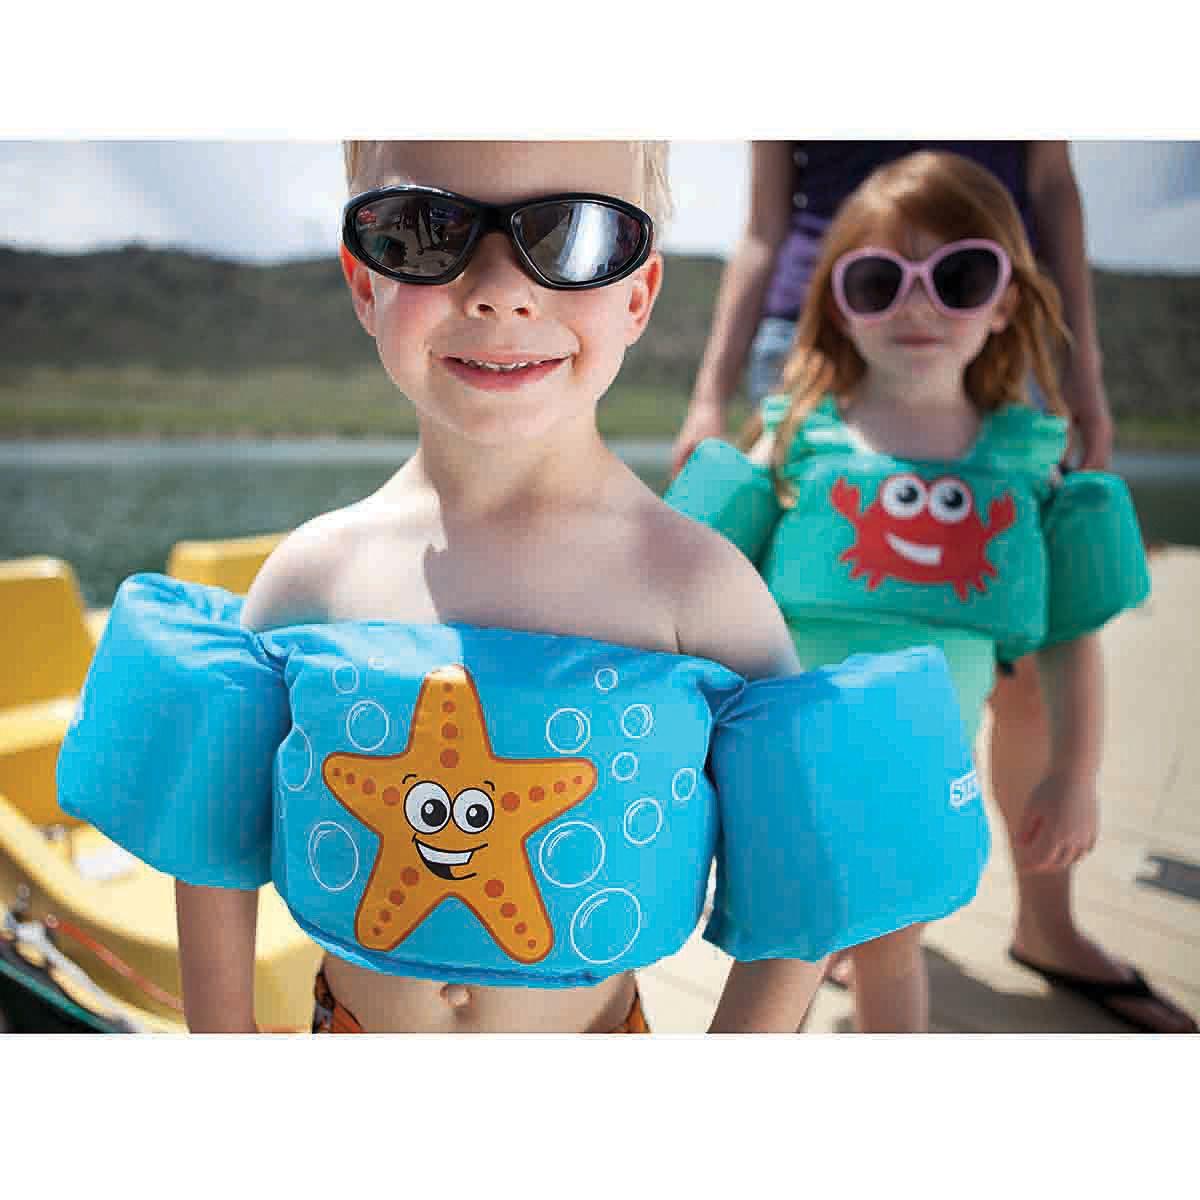 Boia Puddle Jumper Colete Infantil Azul - Coleman